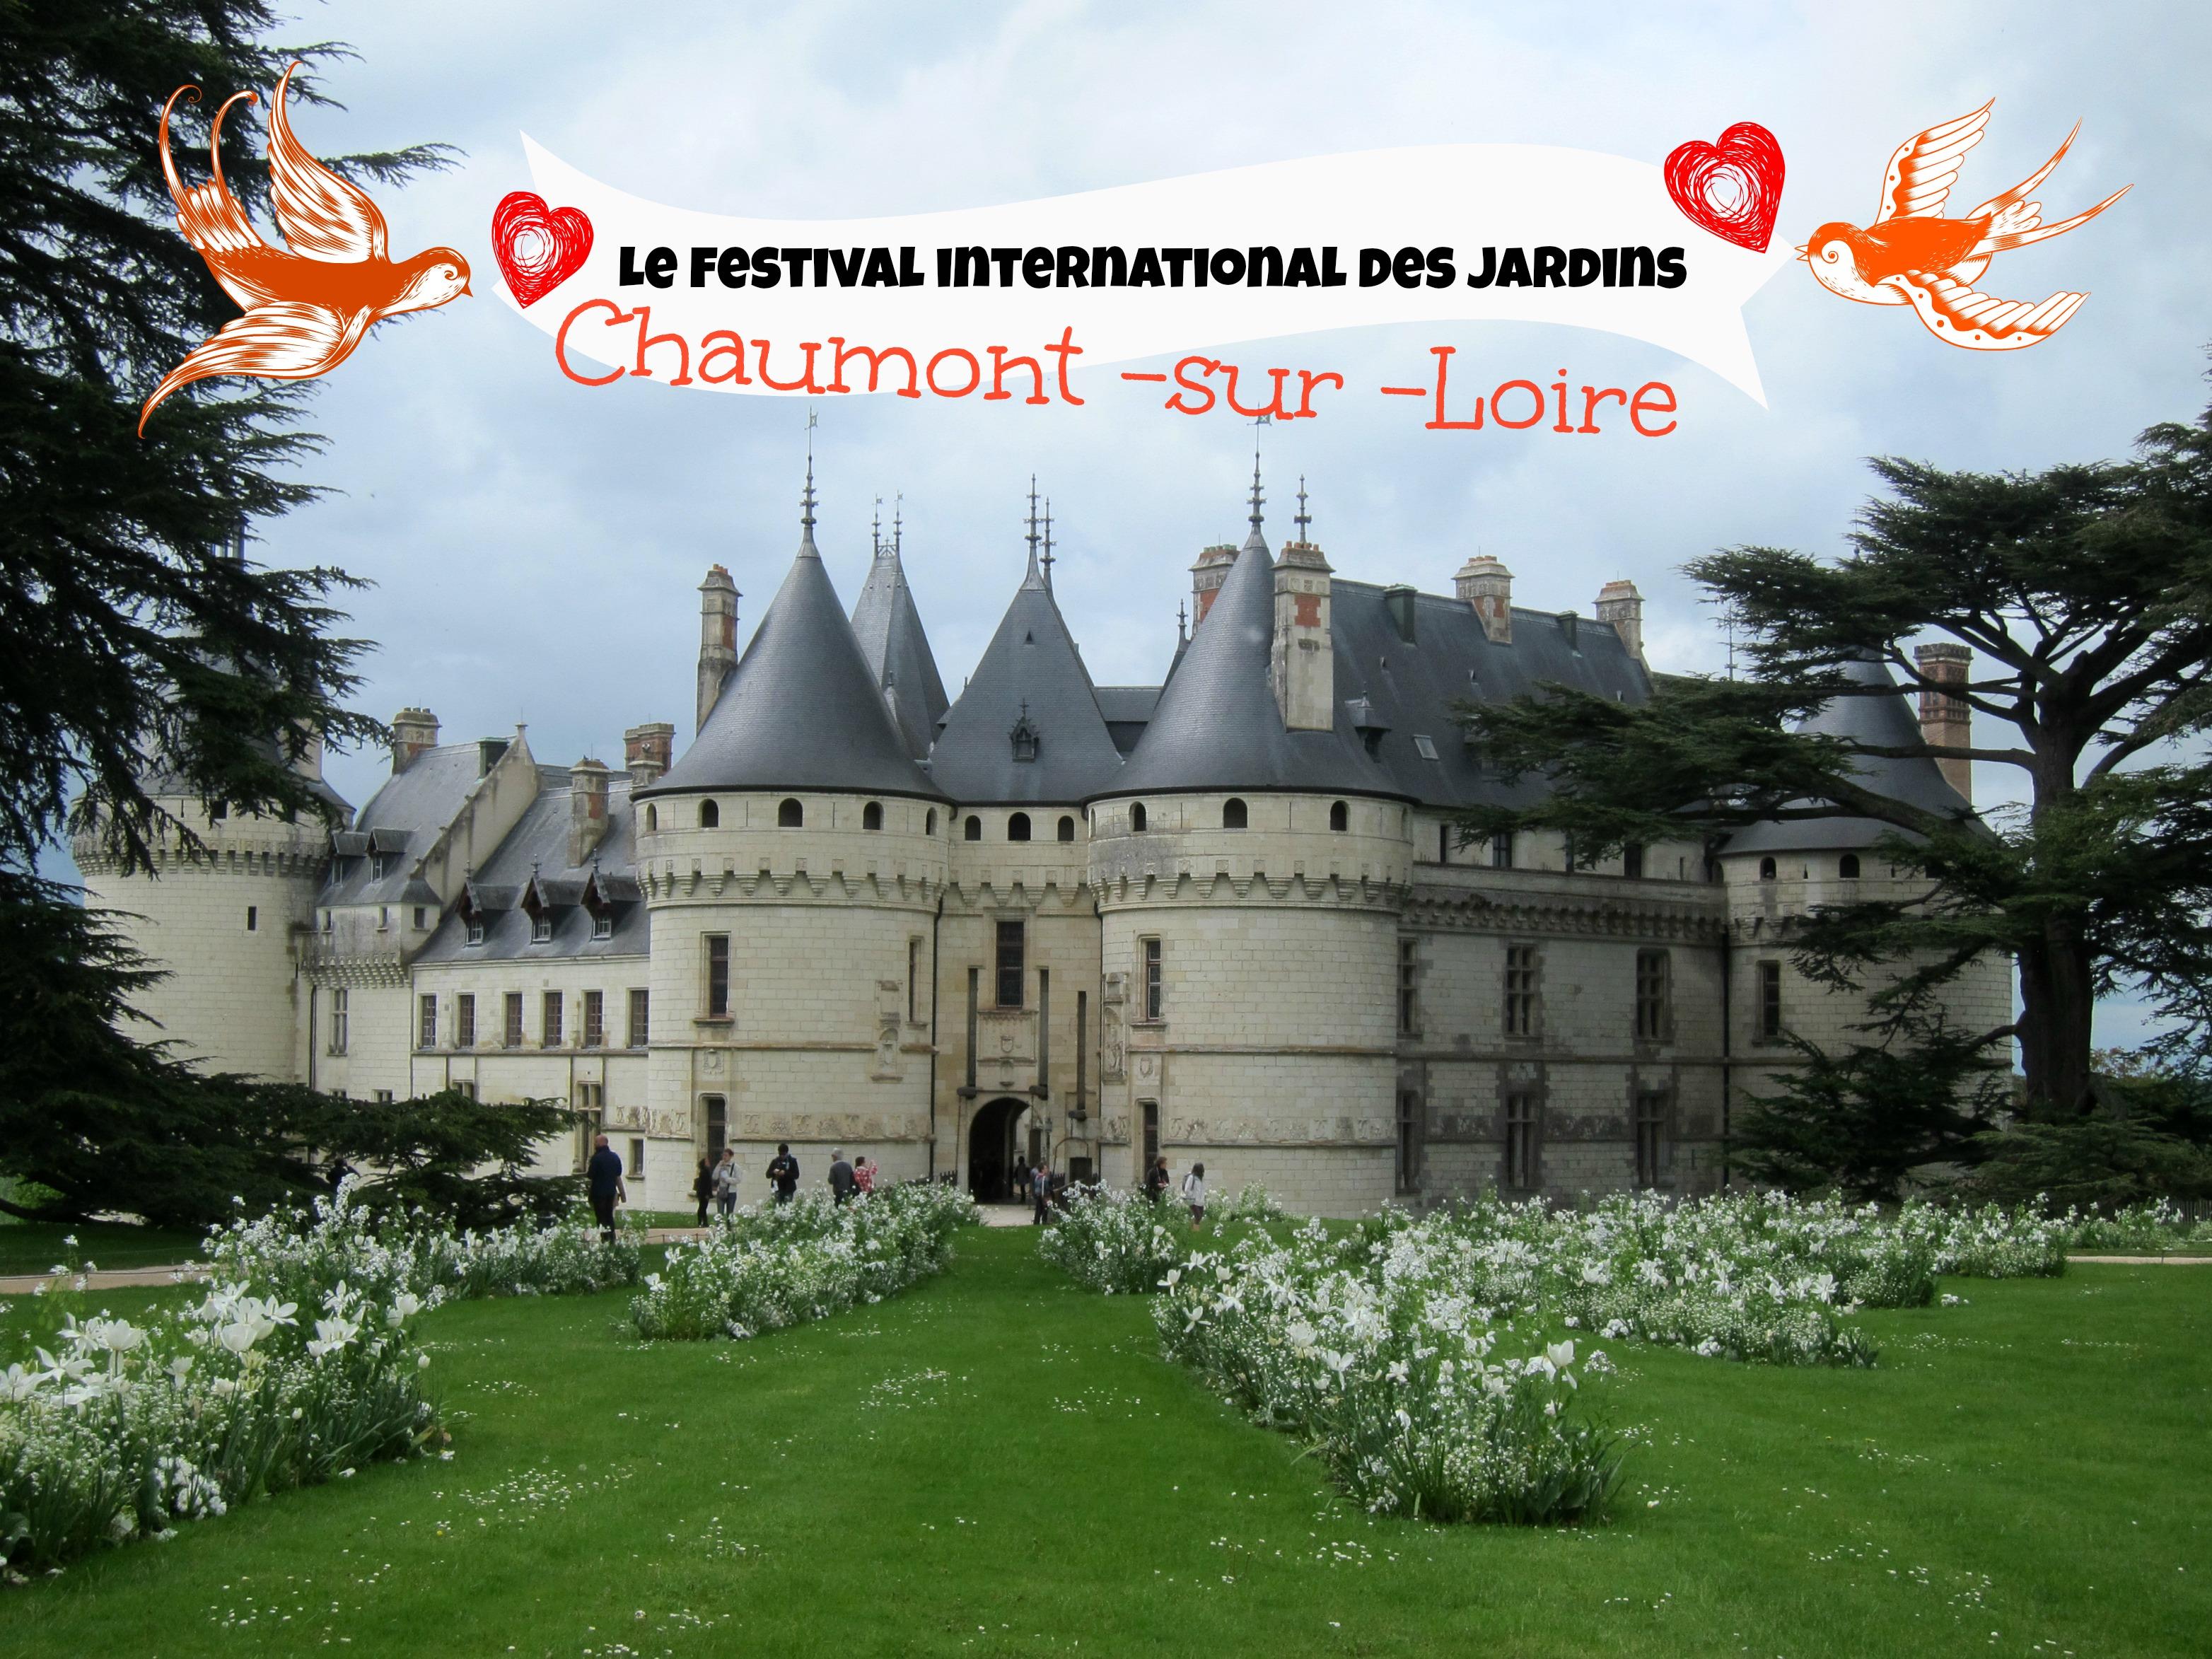 Le festival international des jardins de chaumont sur - Chaumont sur loire festival des jardins ...